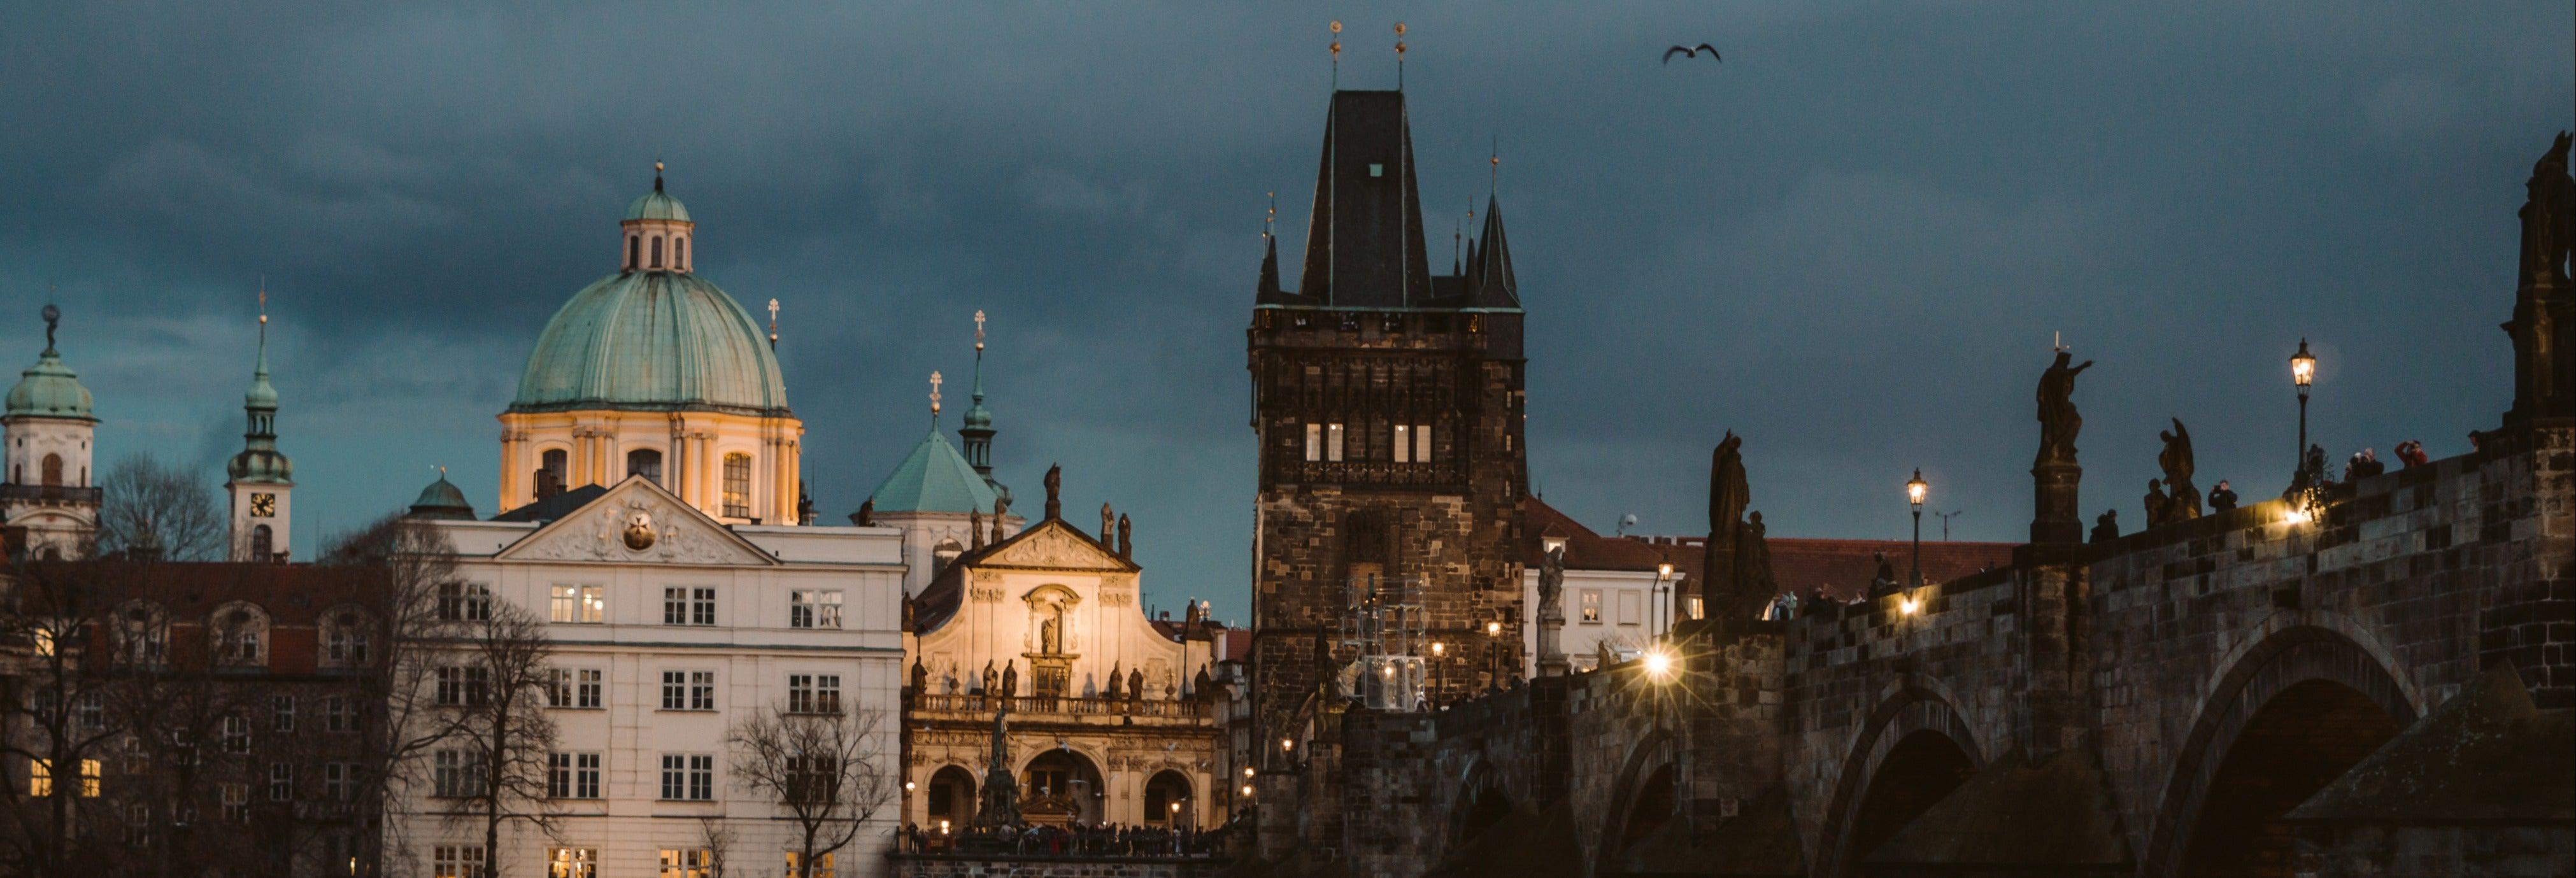 Tour subterrâneo dos fantasmas de Praga